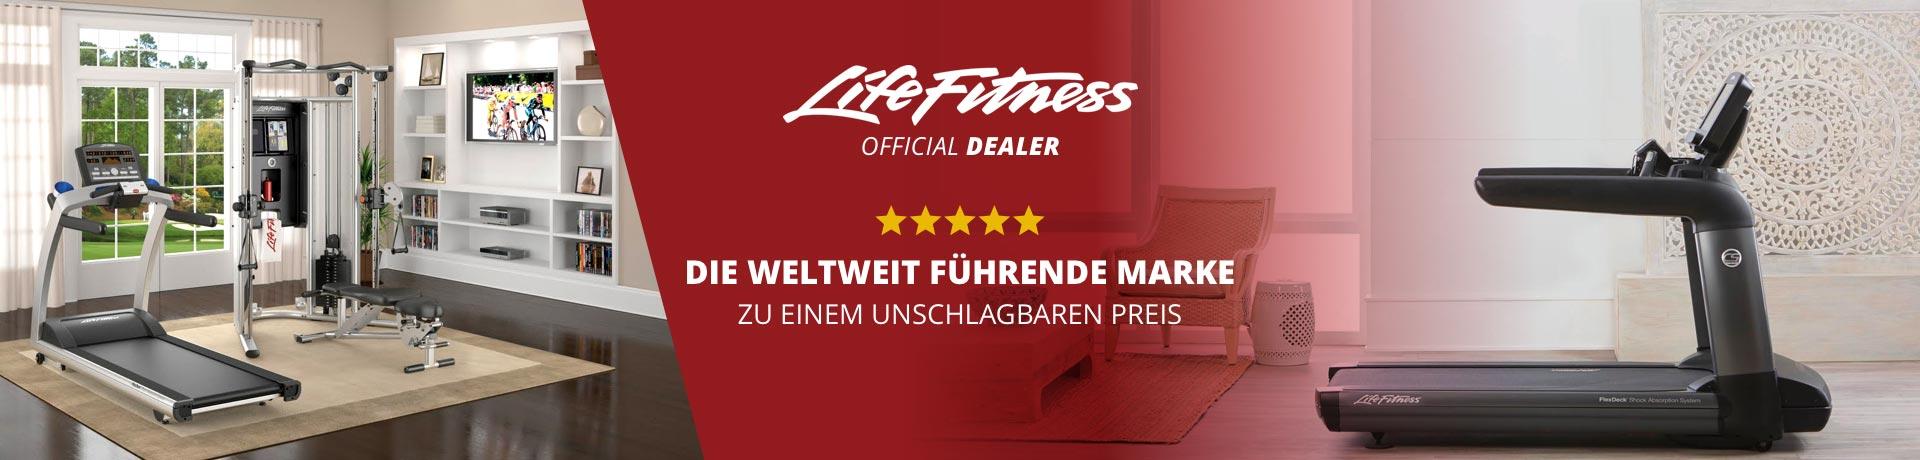 rabatt-life-fitness